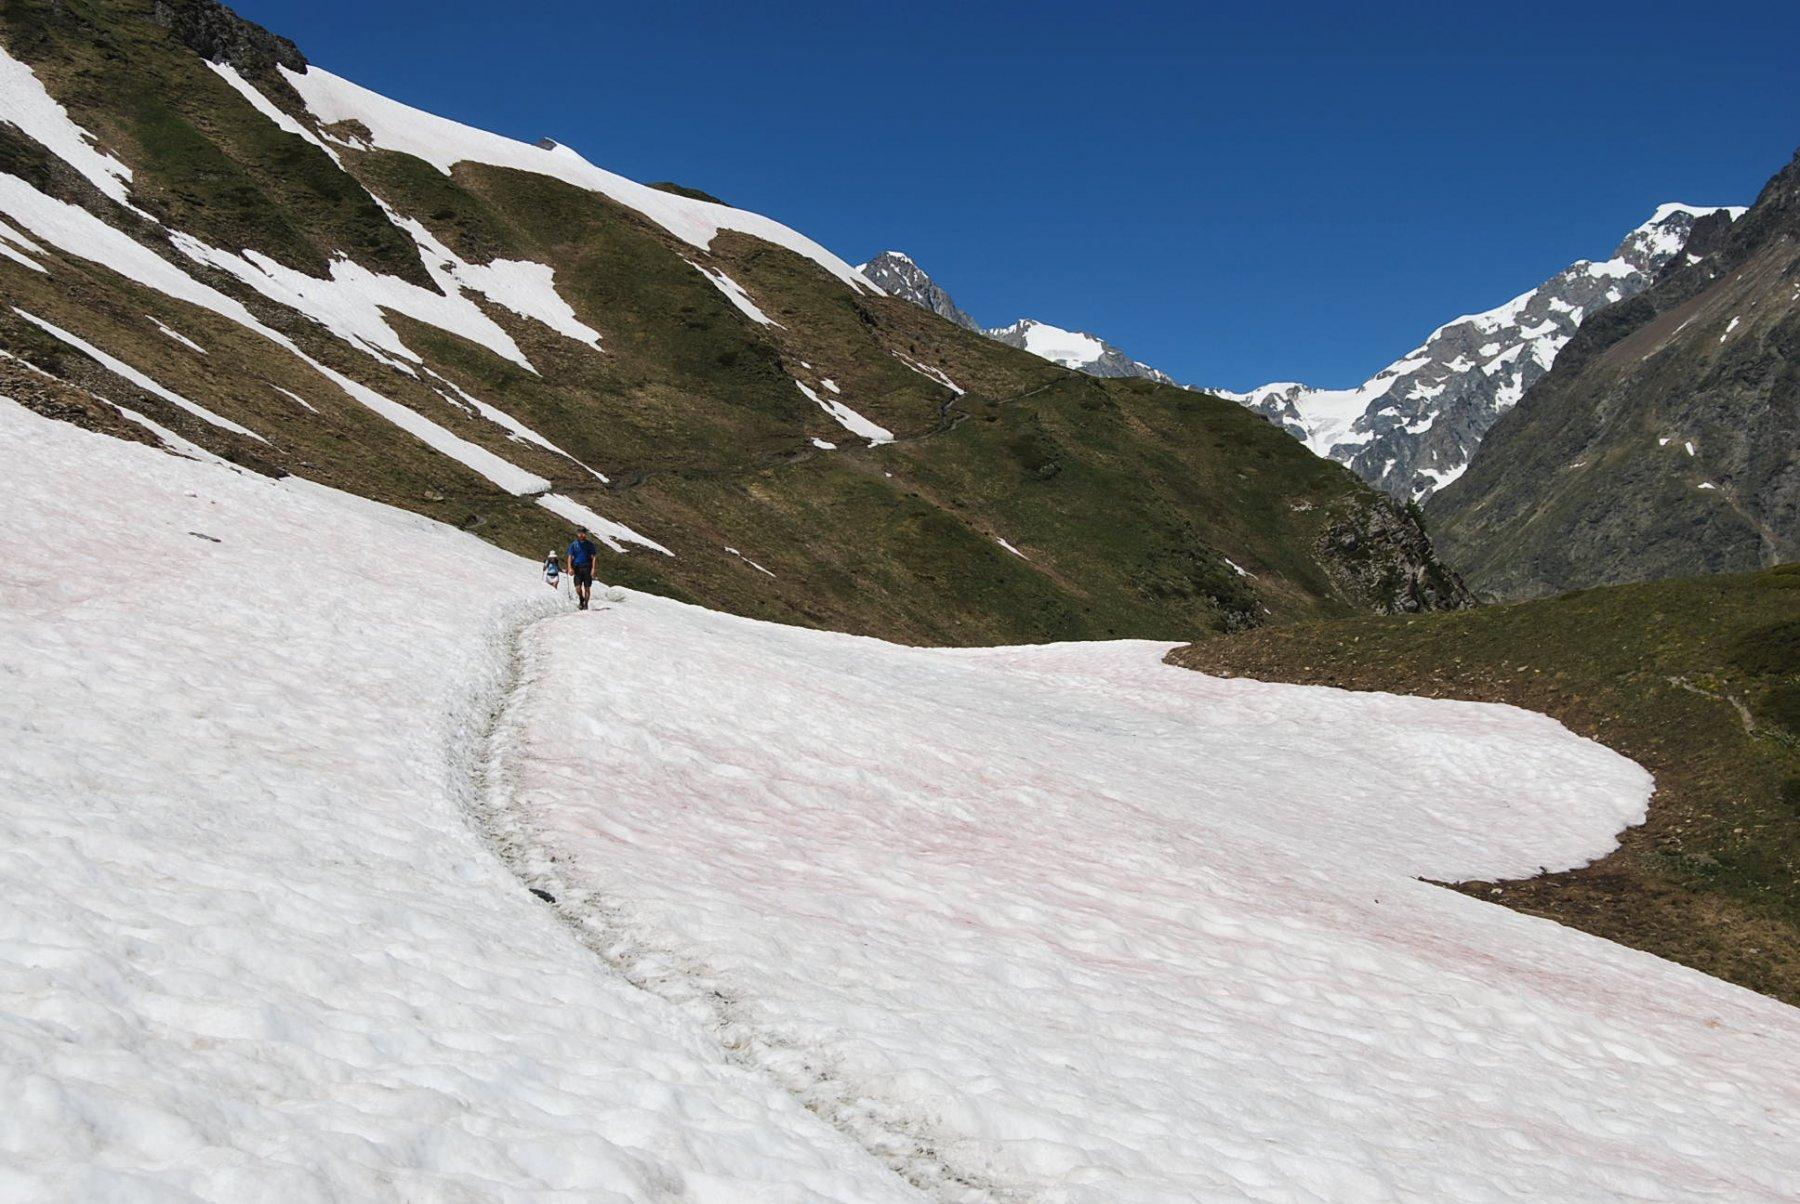 L'ultimo tratto del sentiero balcone, che lascia il solco centrale della VVeny per entrare nel vallone Arp Vieille